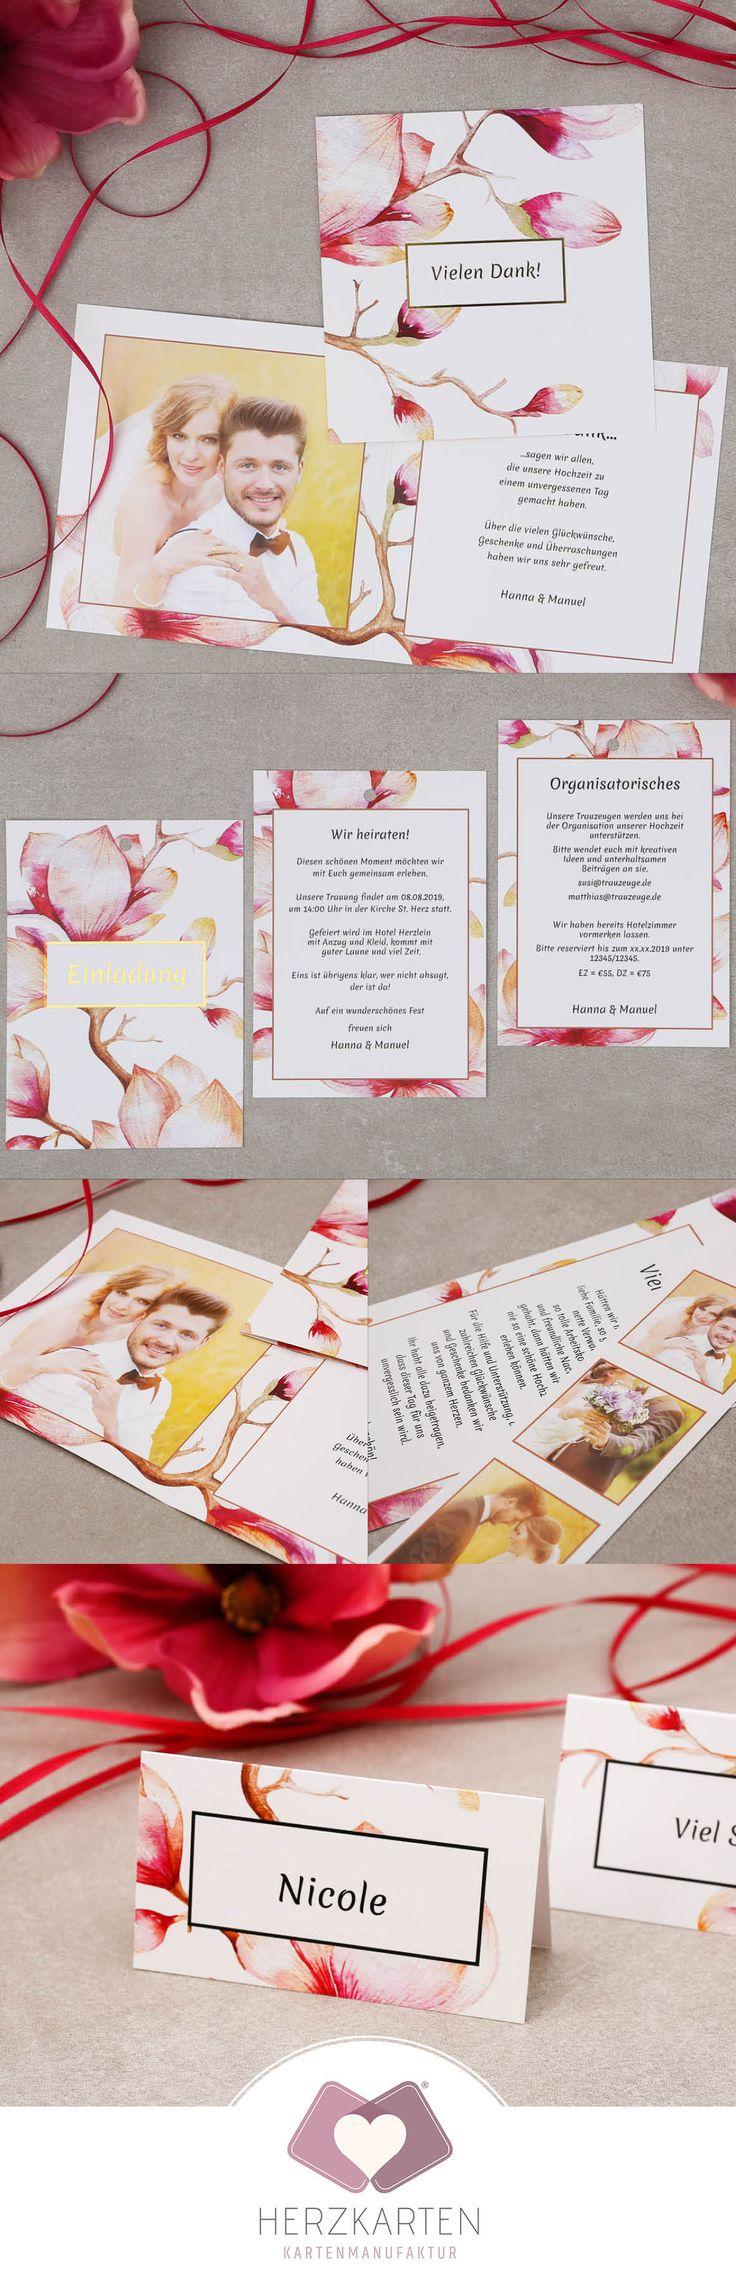 """Wunderschöne Magnolien sind hier die Namensgeber für die Kartenserie """"Cataleya"""".  In Verbindung mit Heißfolienprägung in Gold, Silber oder Rosé wirkt diese Danksagungskarte wundervoll harmonisch und elegant und ist somit ein Highlight für jede Hochzeit. #magnolie #hochzeit #papeterie #floral #heissfolienpraegung #praegung #einladung #danksagung #kirchenheft #savethedate #papeterie #hochzeit2018"""